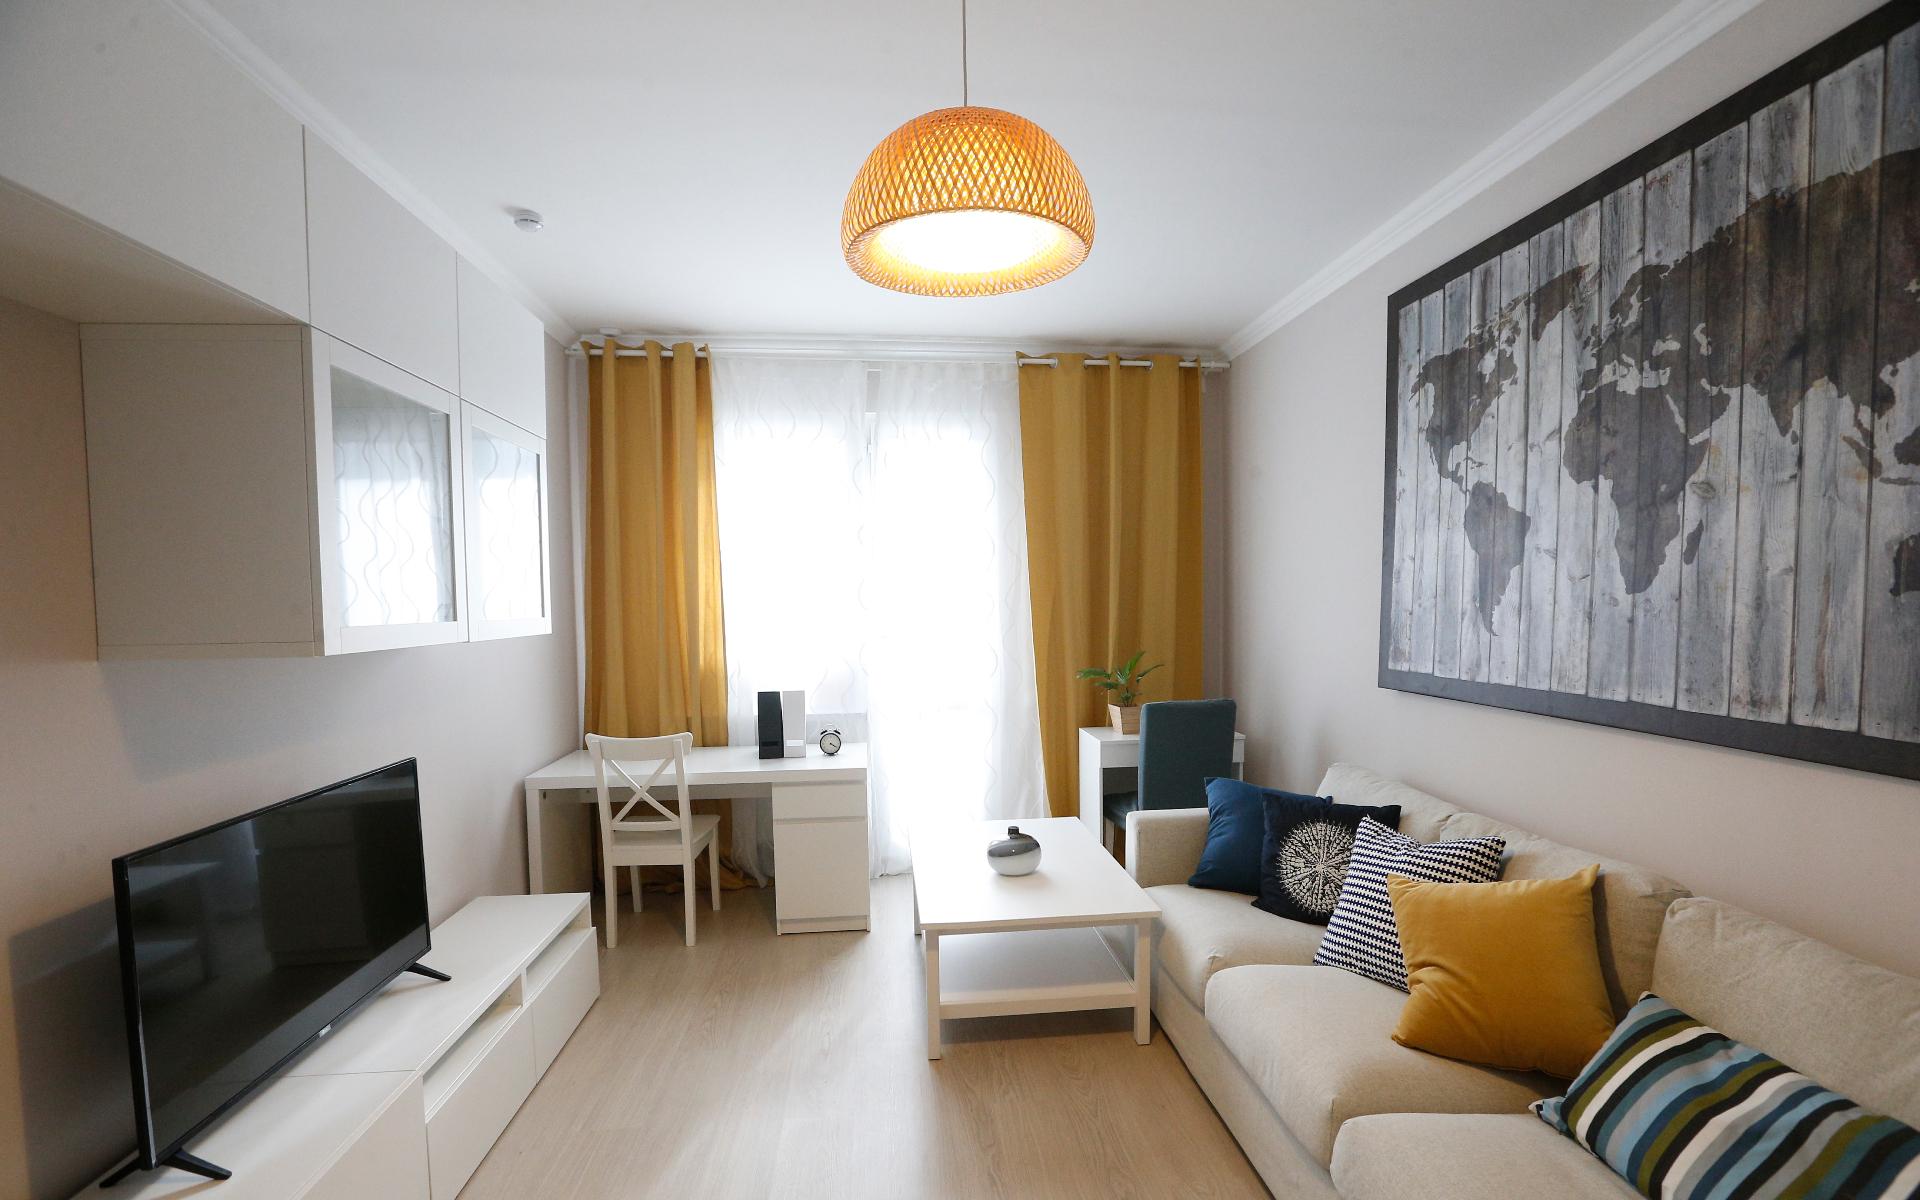 Интерьер квартиры в шоуруме по программе реновации в Москве